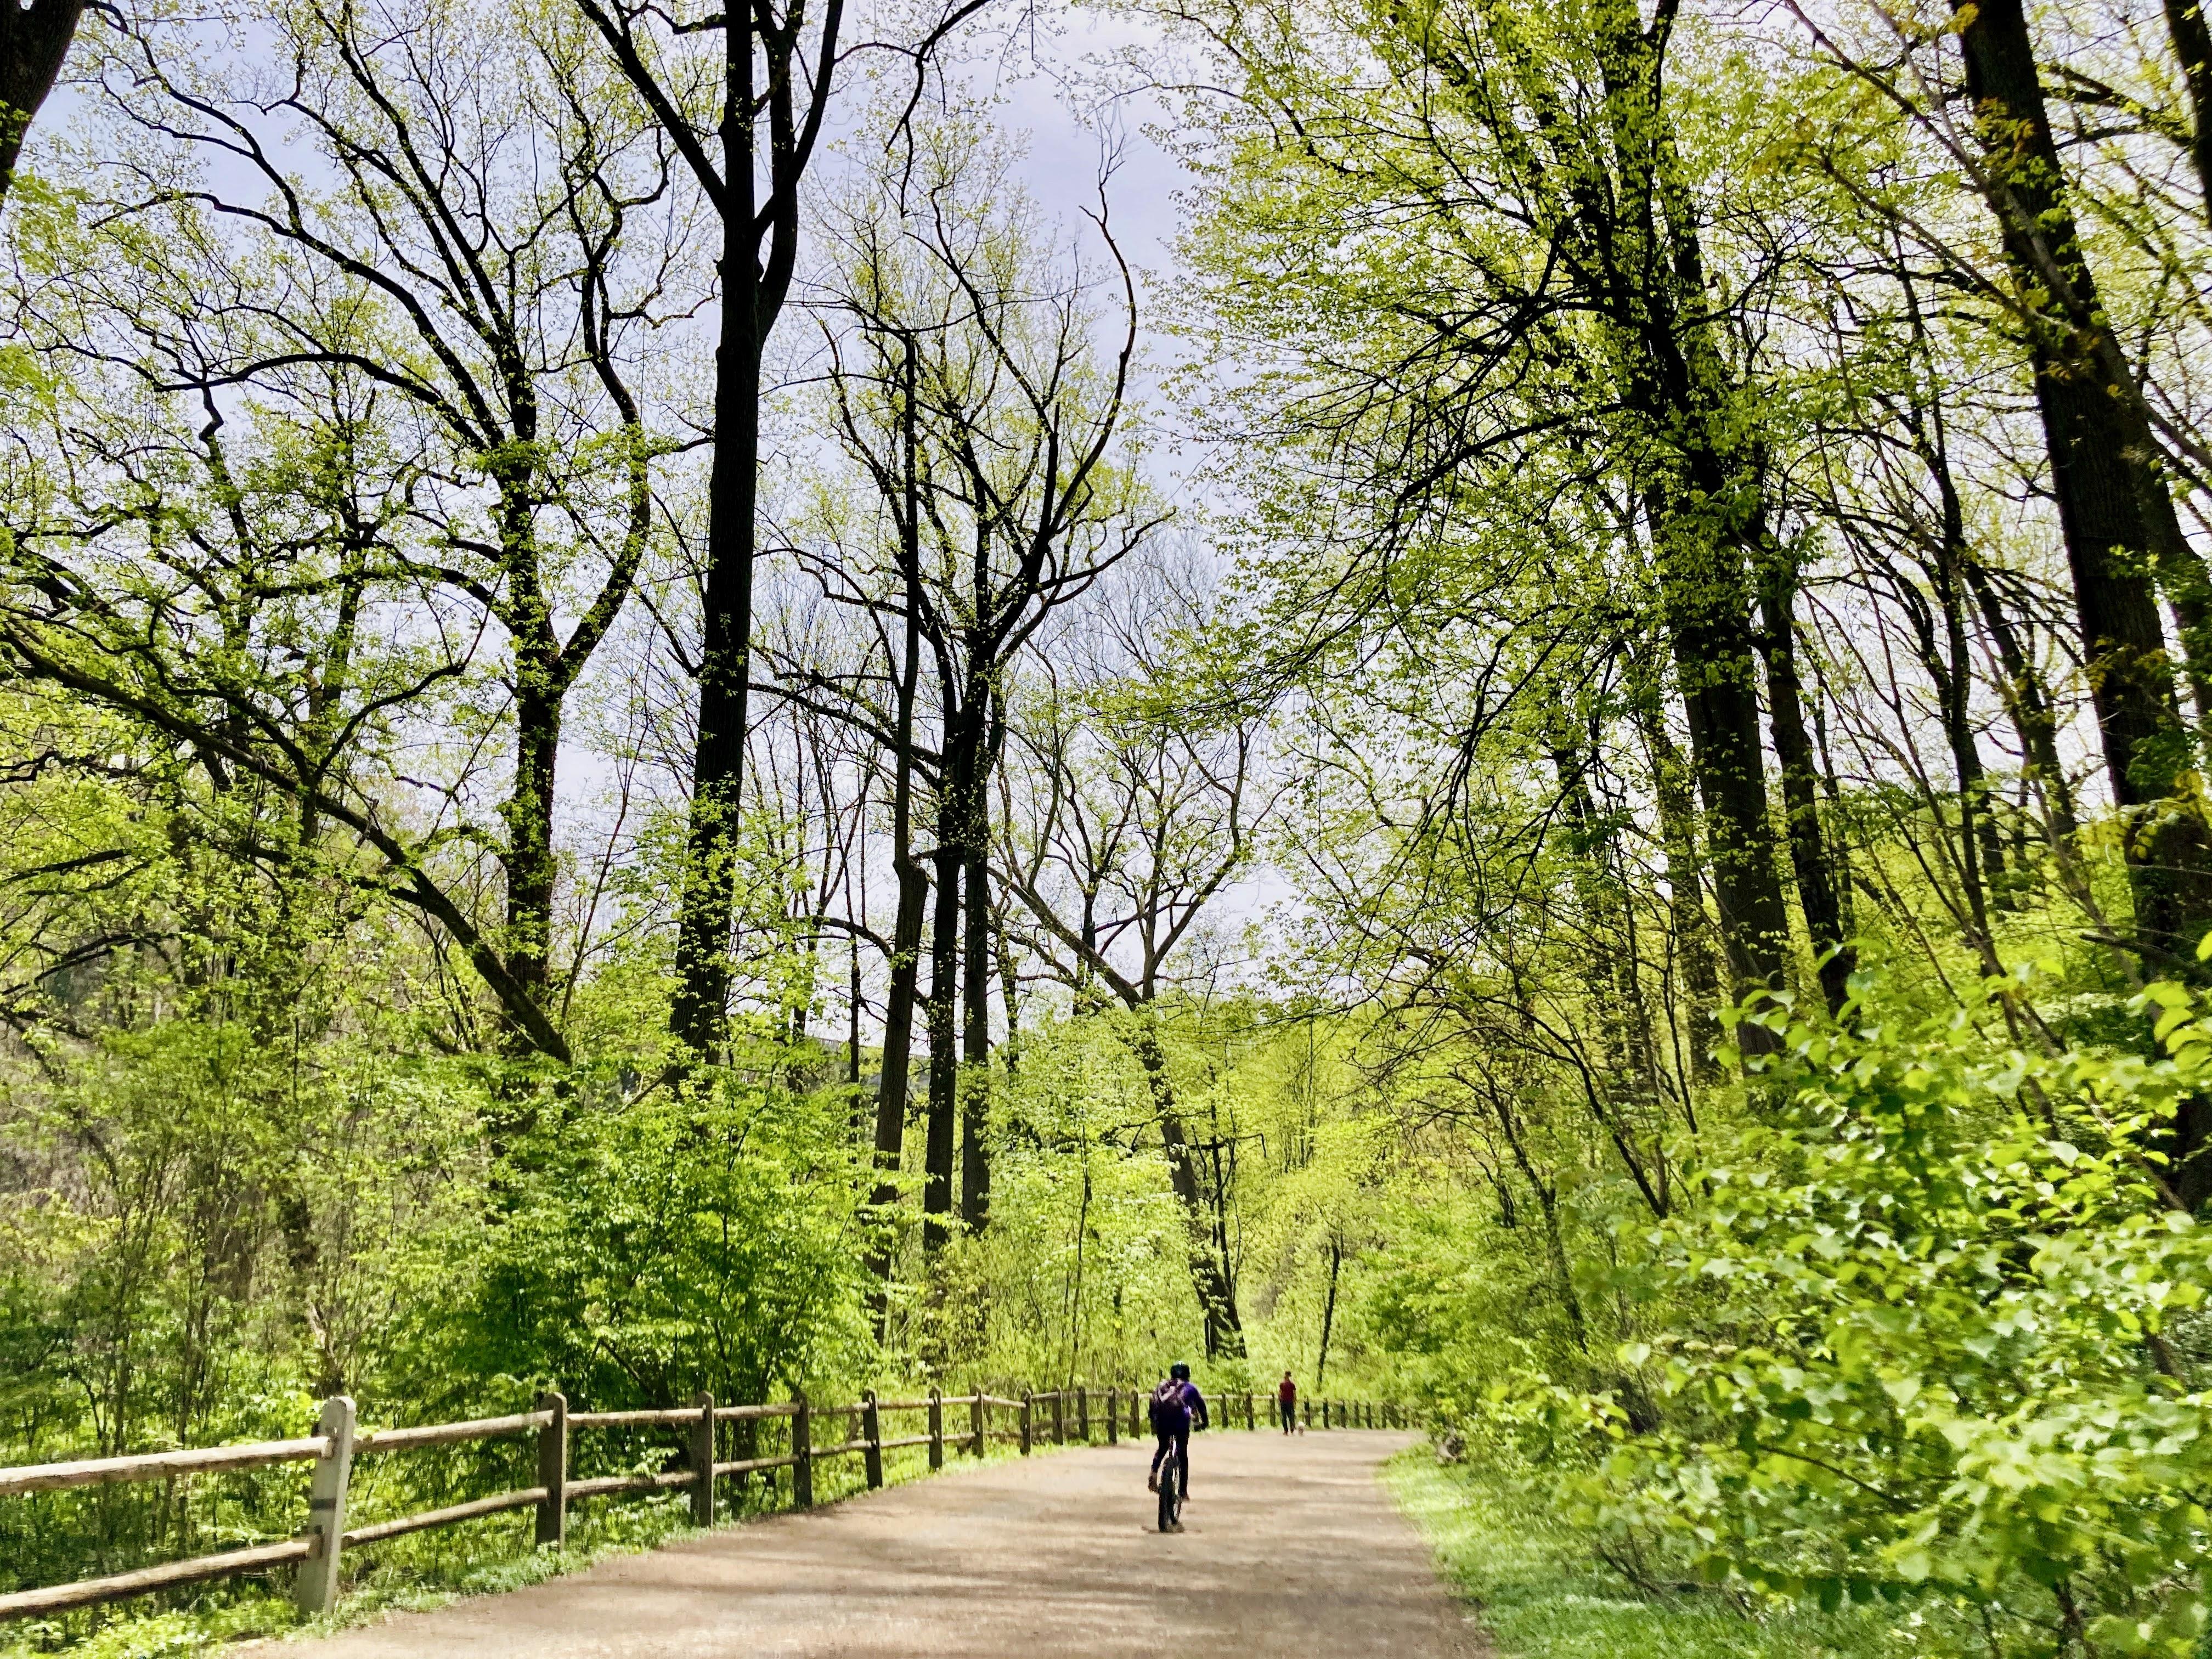 Forbidden Drive in Wissahickon Valley Park